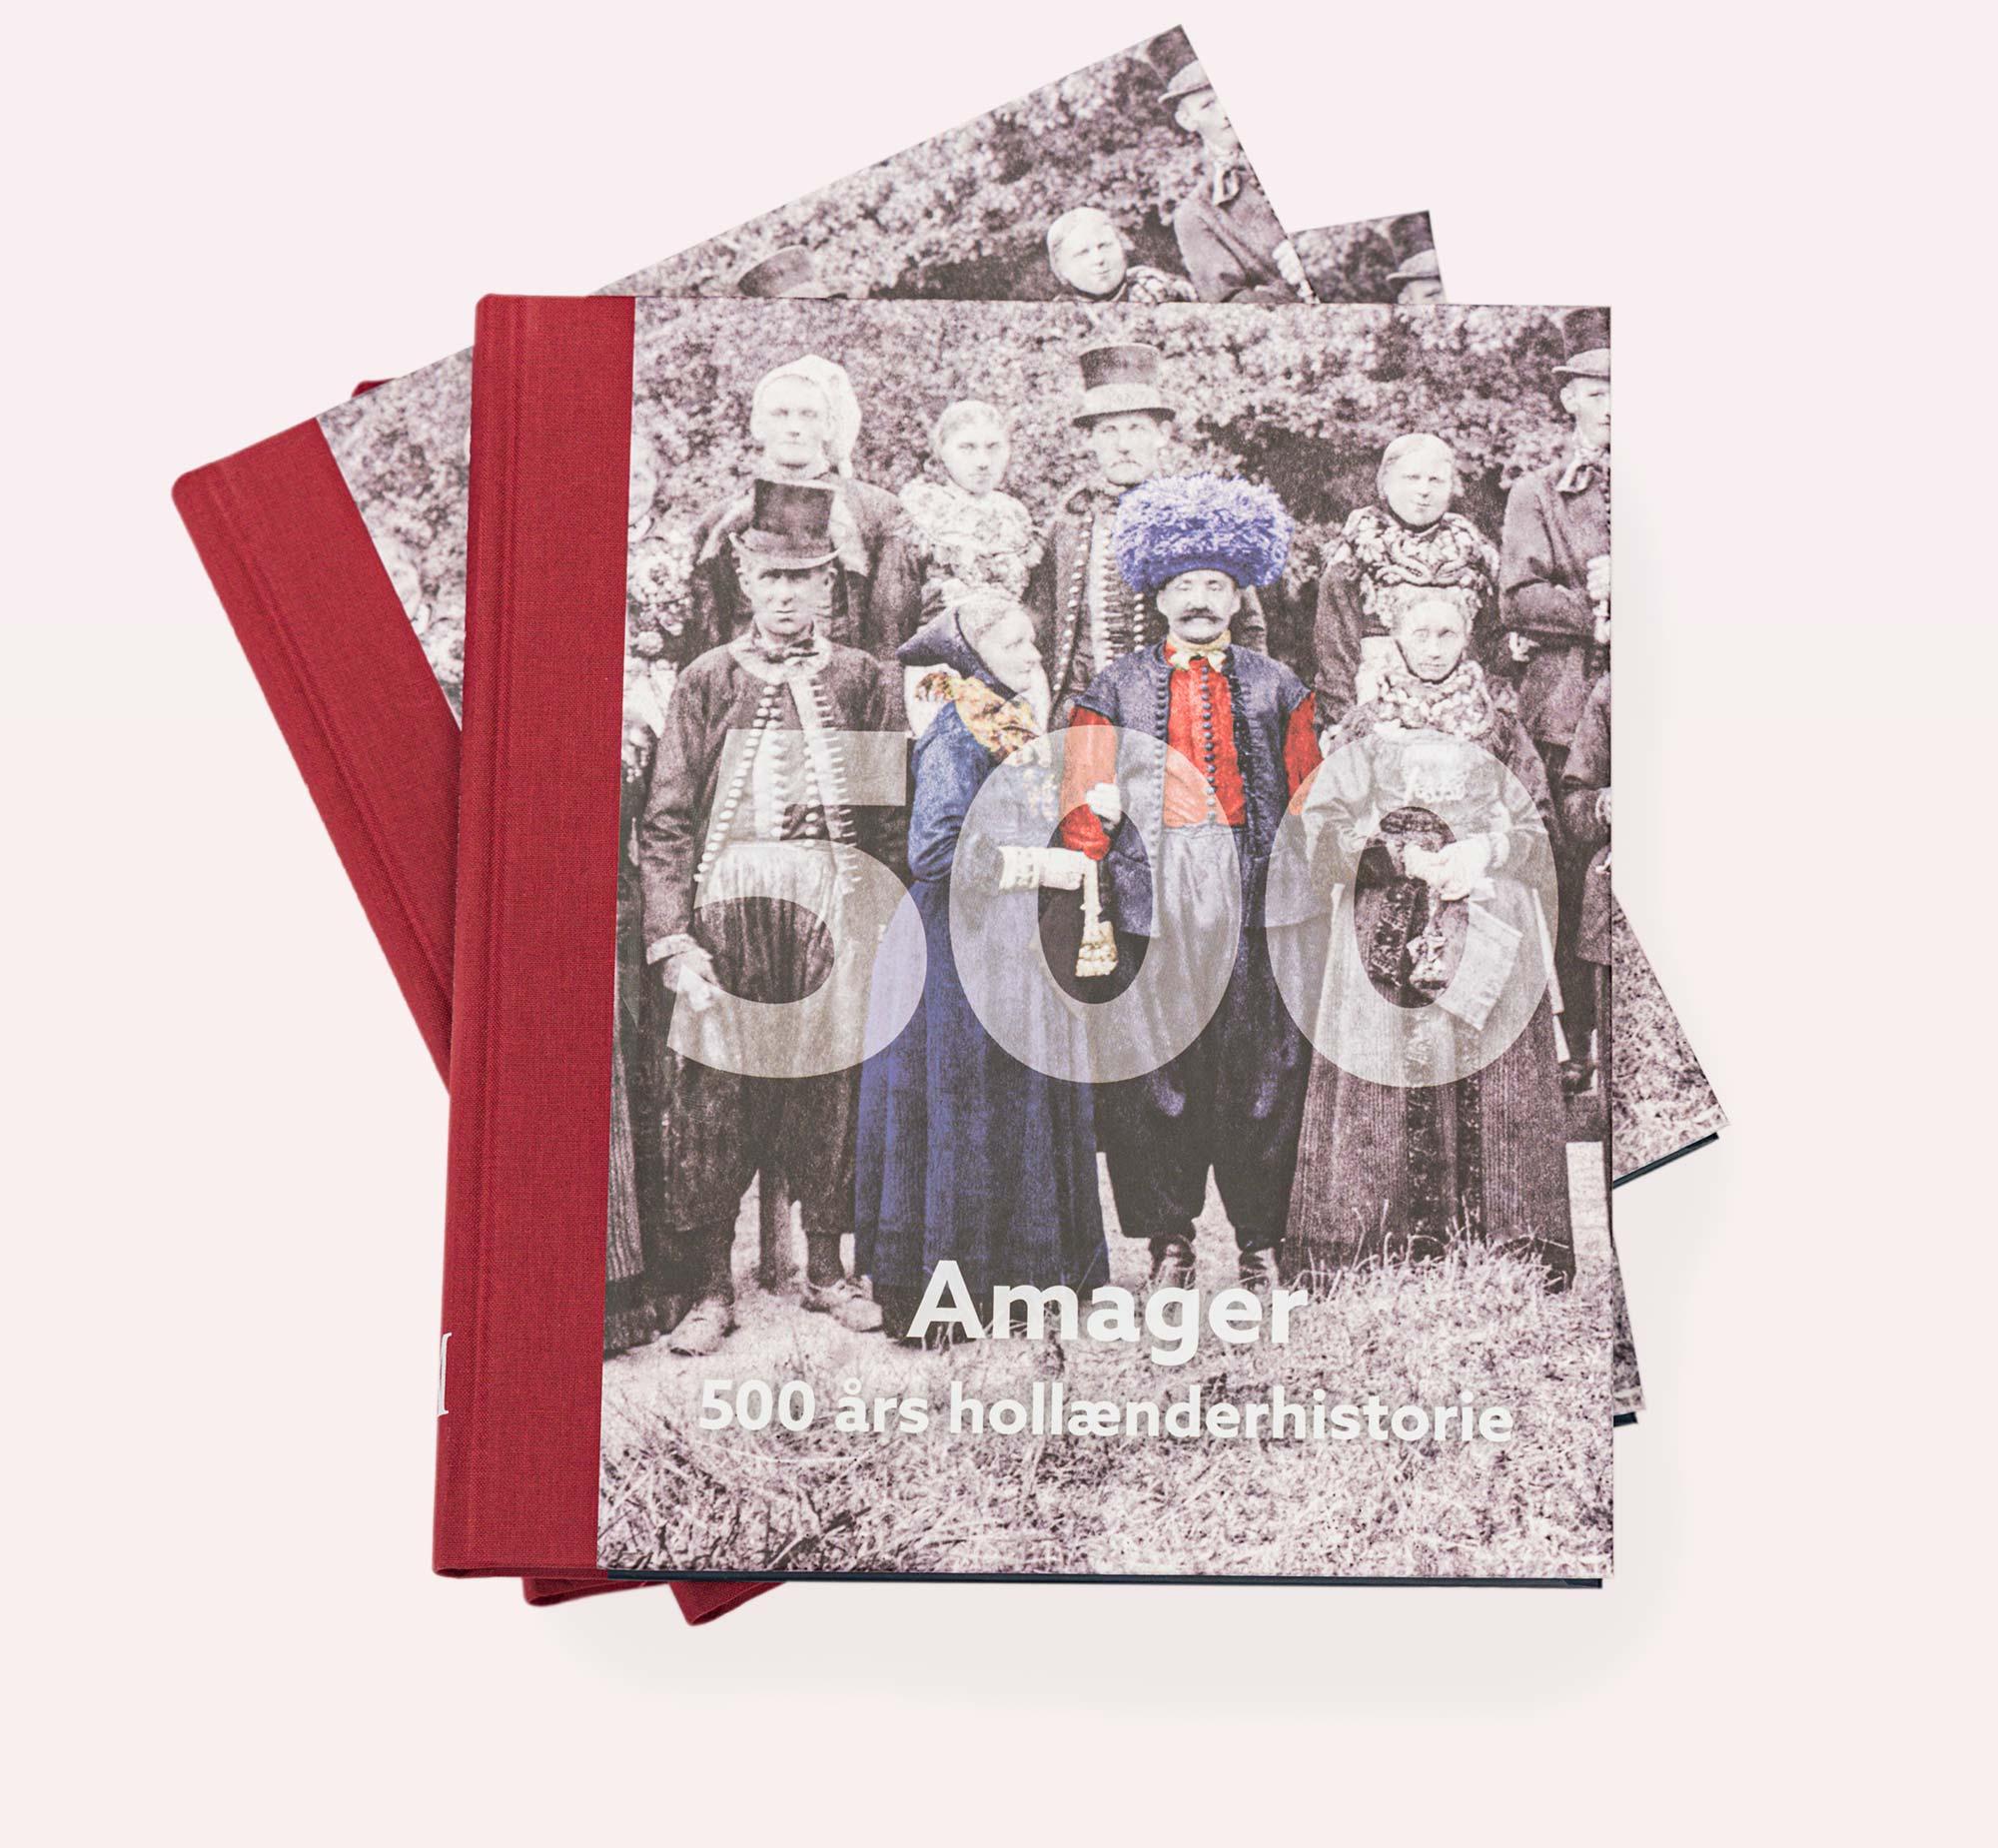 »Amager – 500 års hollænderhistorie«. Foto: Thomas Mose.